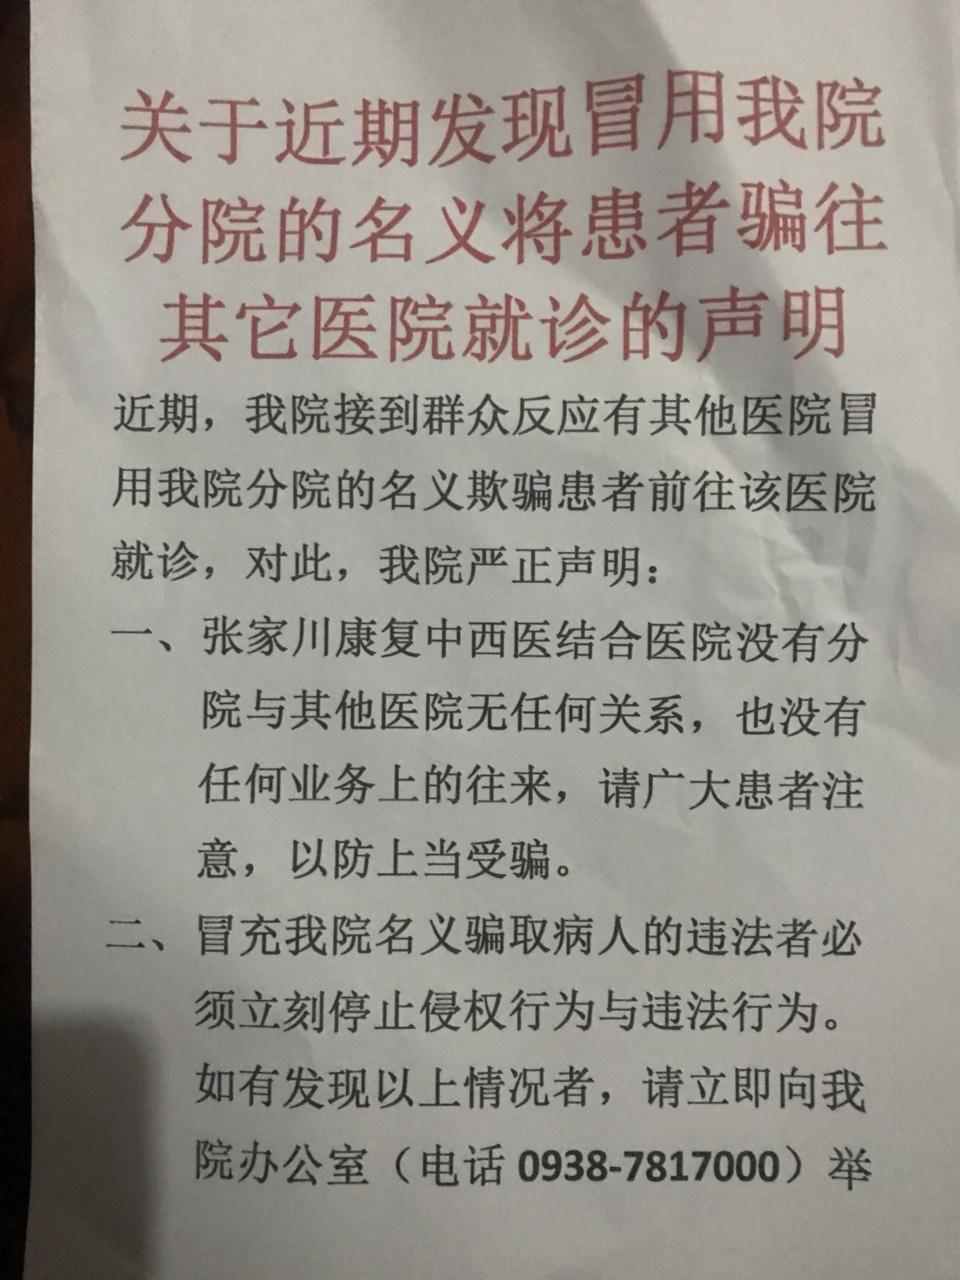 曝光!有人冒用张家川康复中西医结合医院诈骗!